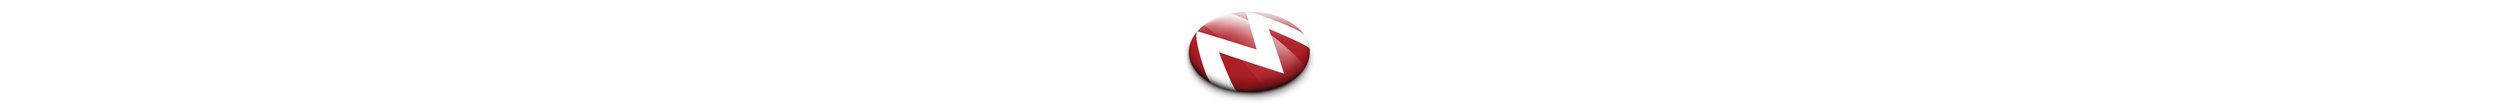 RM logo wide.jpg